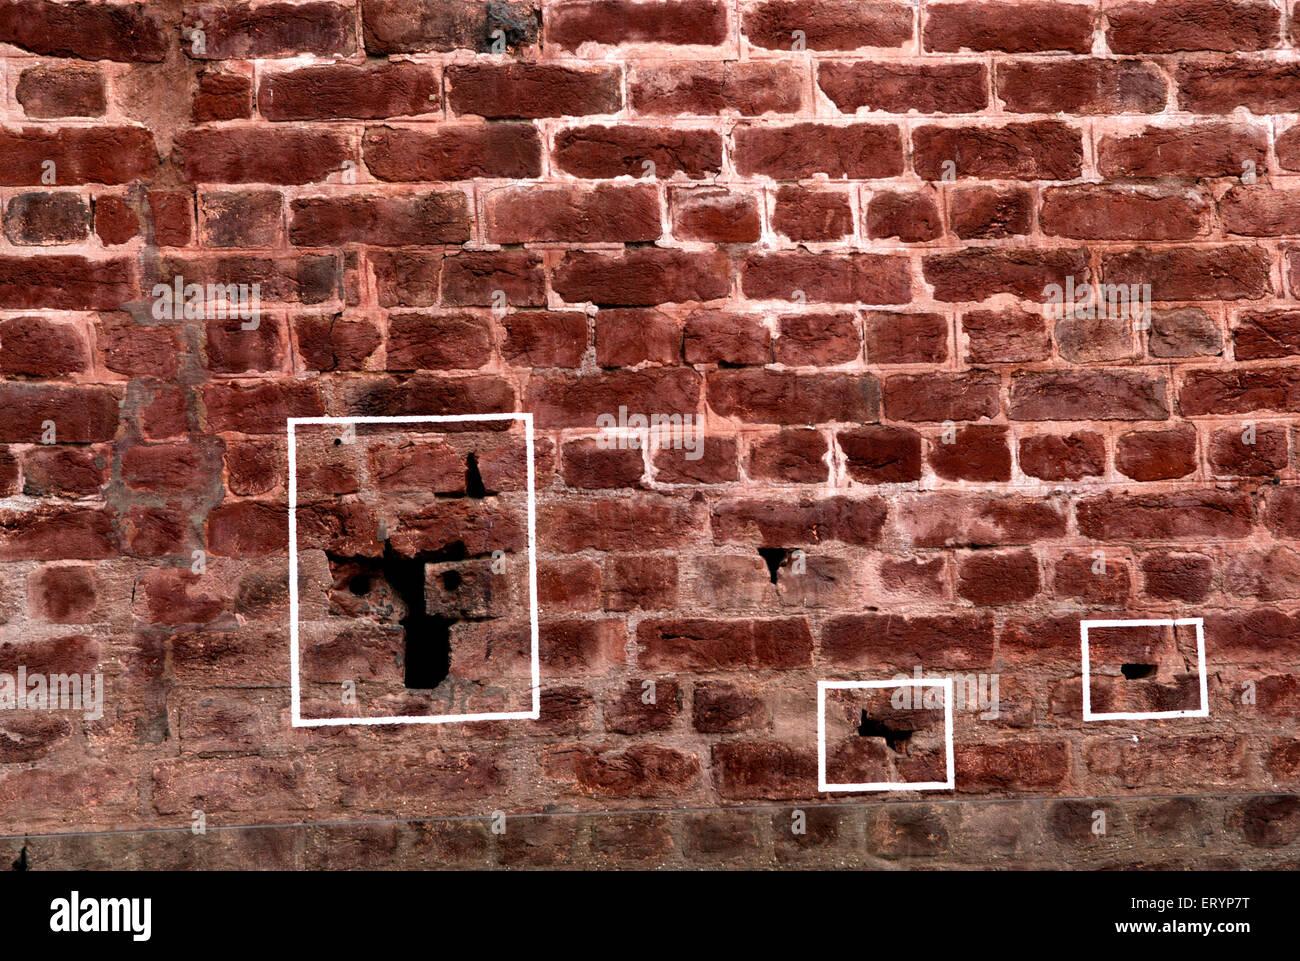 Bullet marks visible on preserved wall at Jallianwala or Jalianwala Bagh ; Amritsar ; Punjab ; India Stock Photo